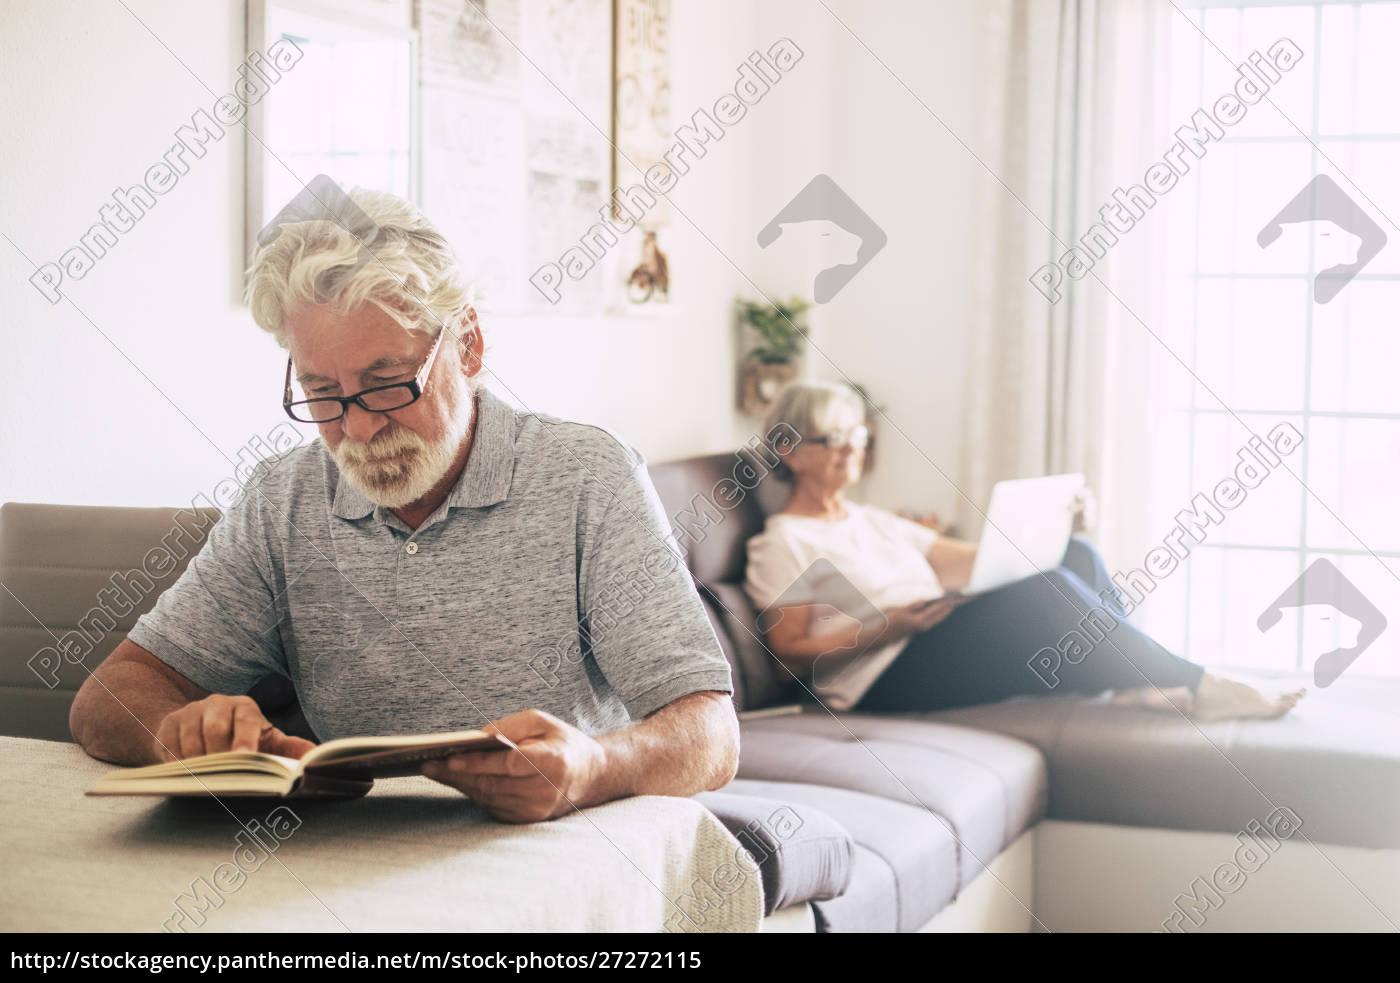 senior, mann, lesen, buch, als, seine - 27272115